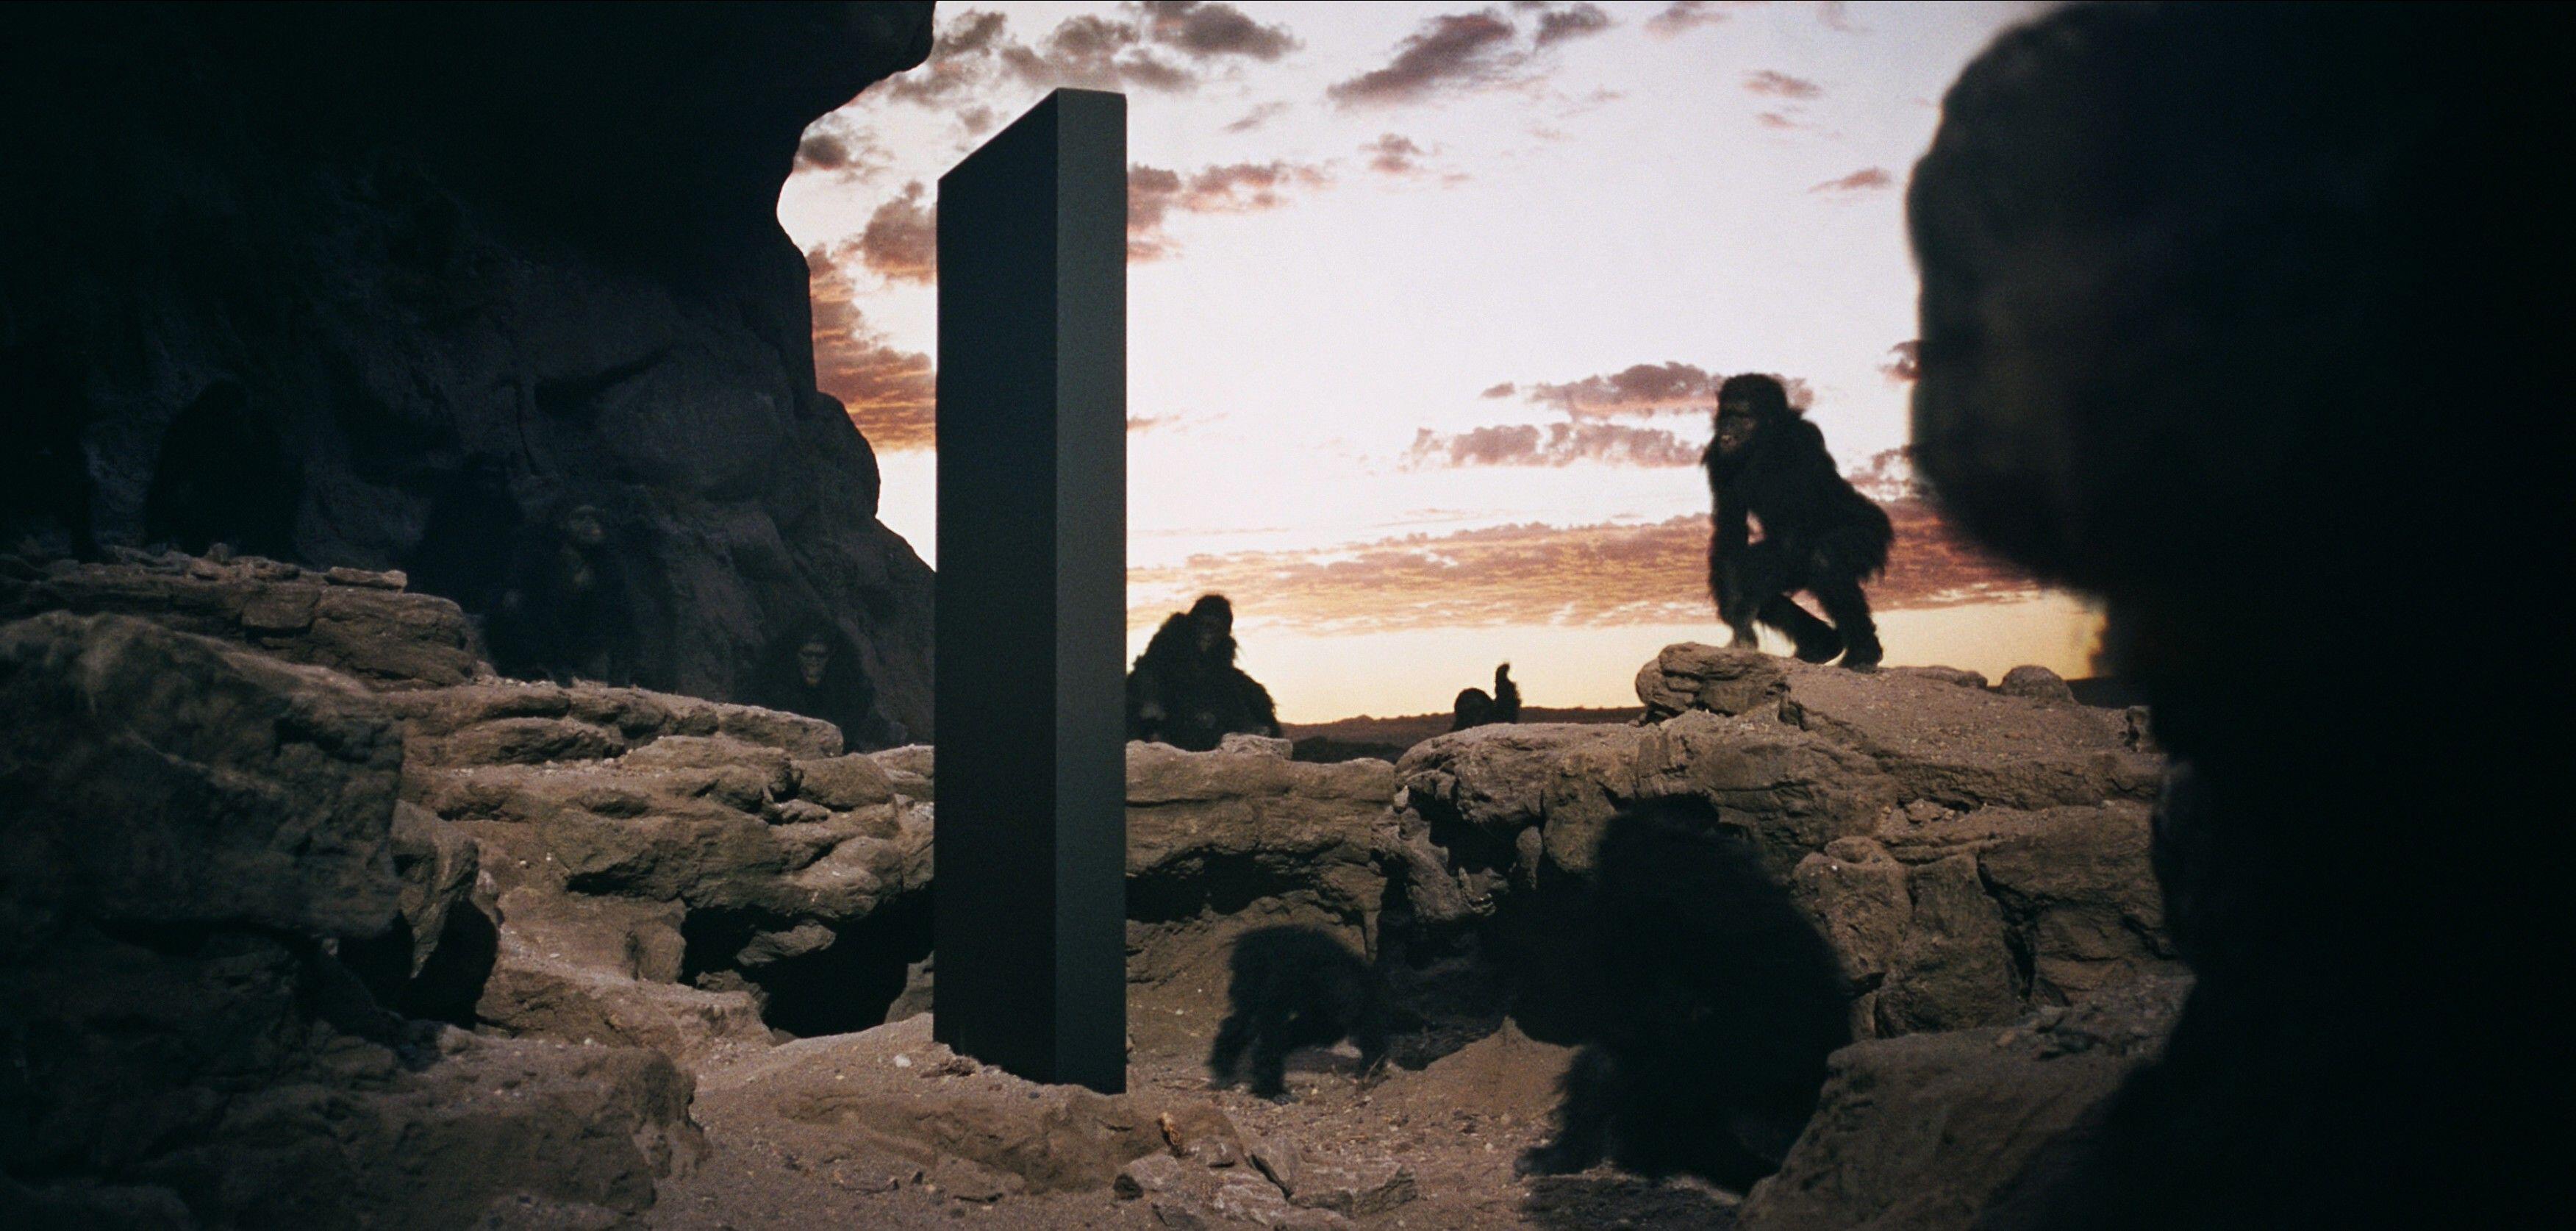 El objeto se parece al monolito encontrado en la película de 2001: A Space Odyssey